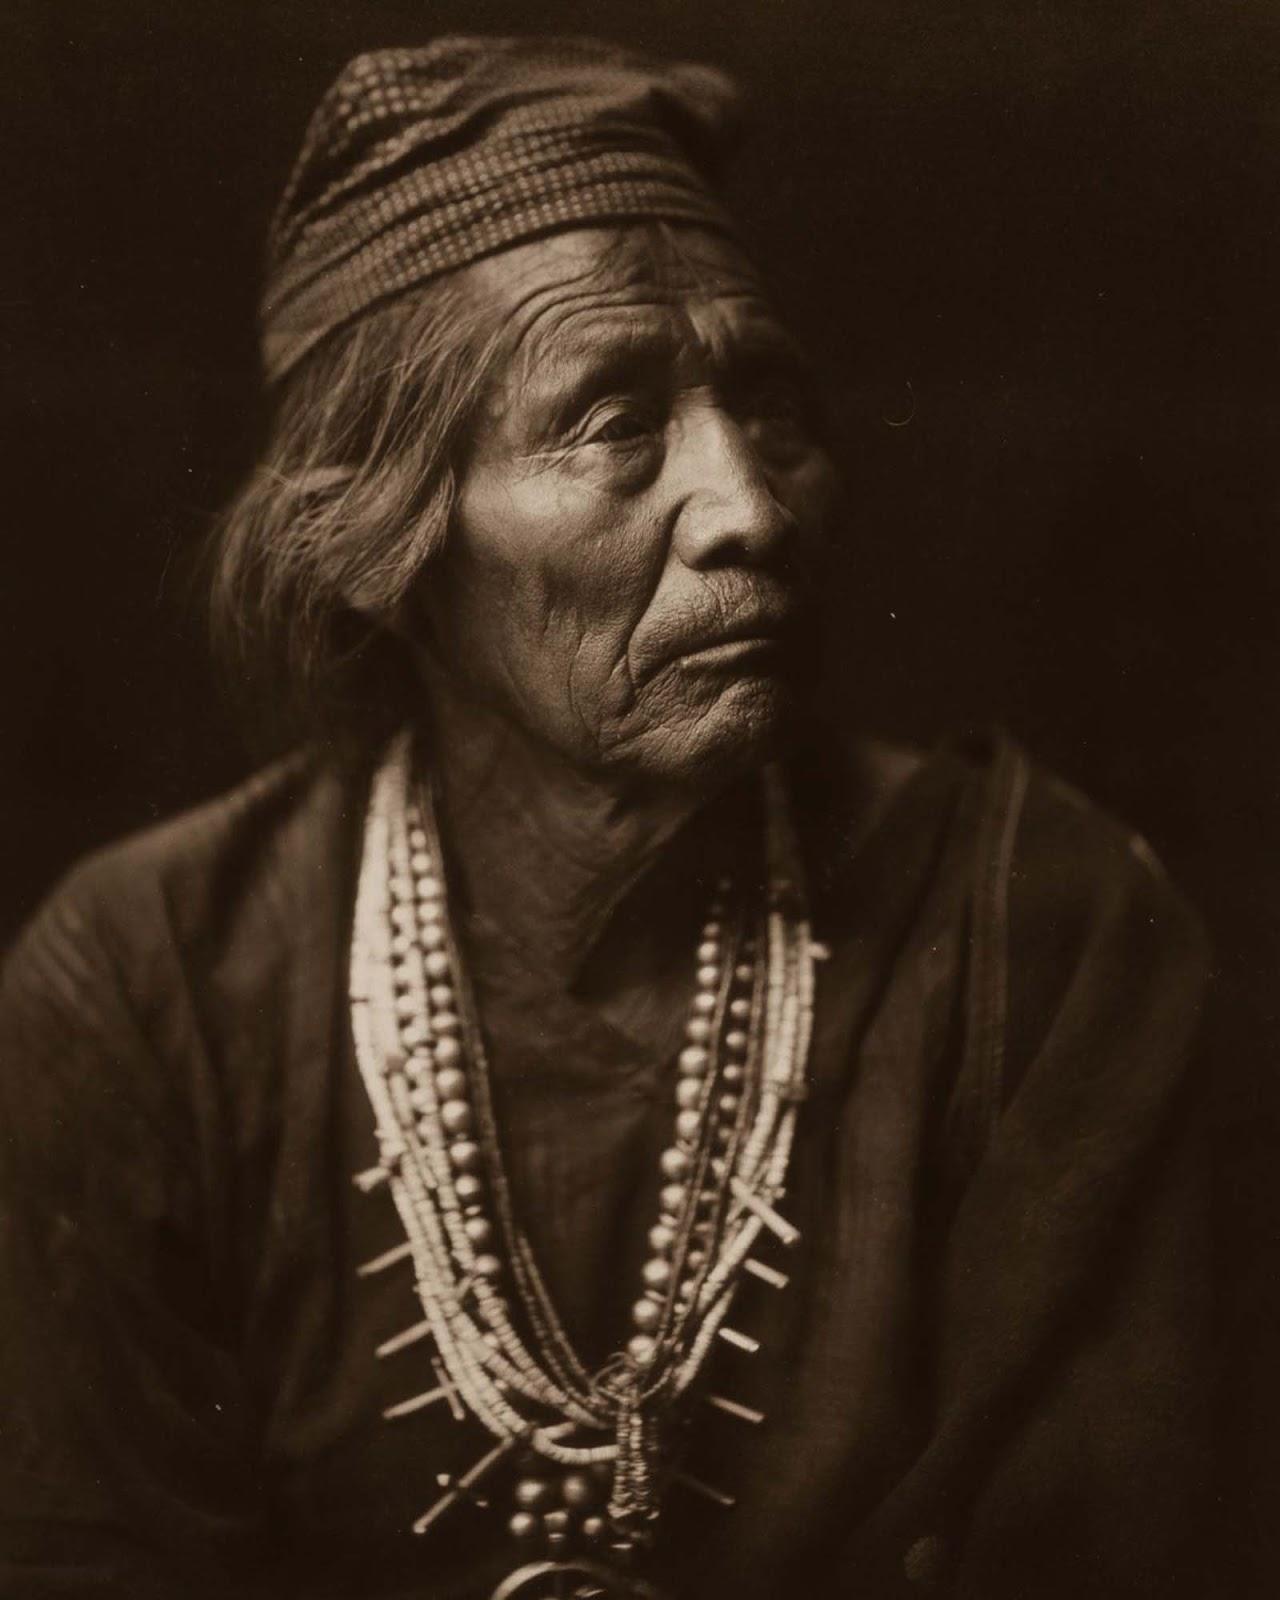 Nesjaja Hatali, Navajo medicine man. 1904.